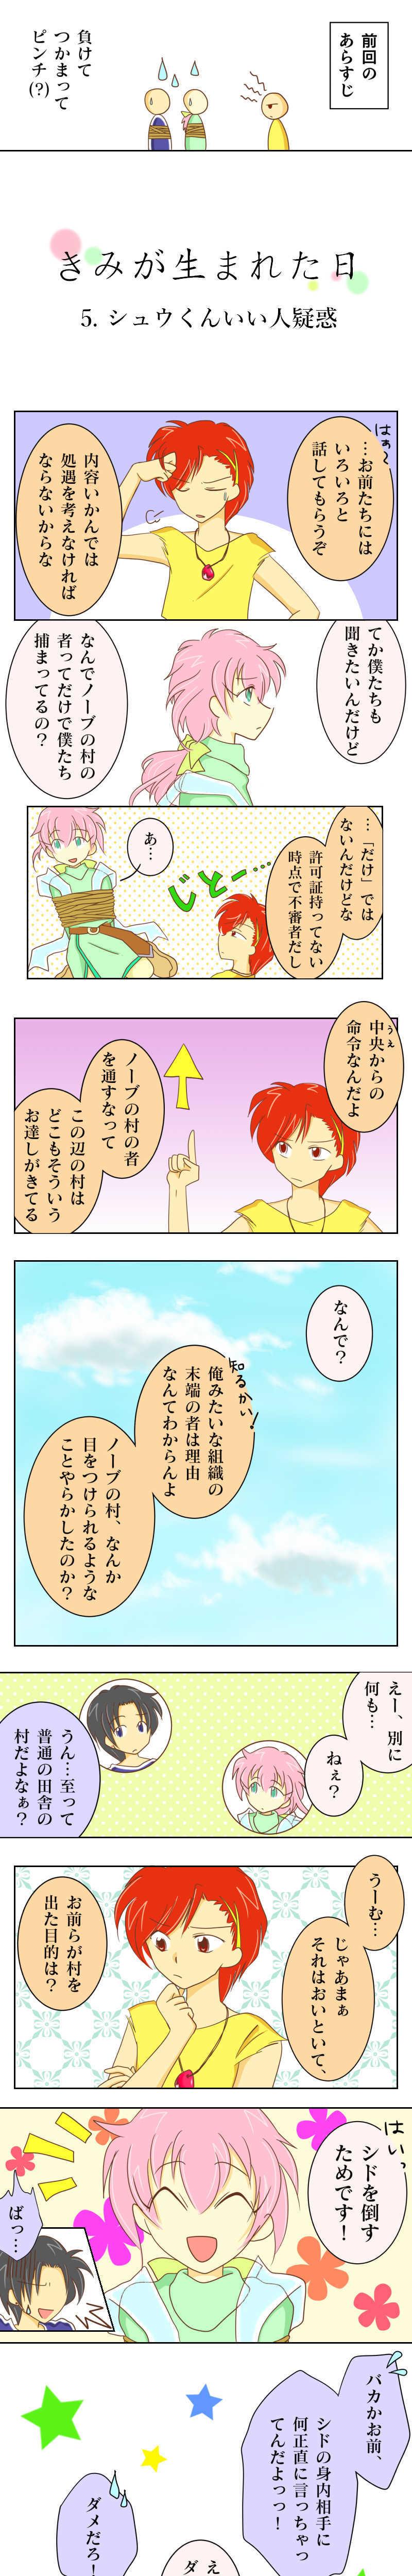 5.シュウくんいい人疑惑